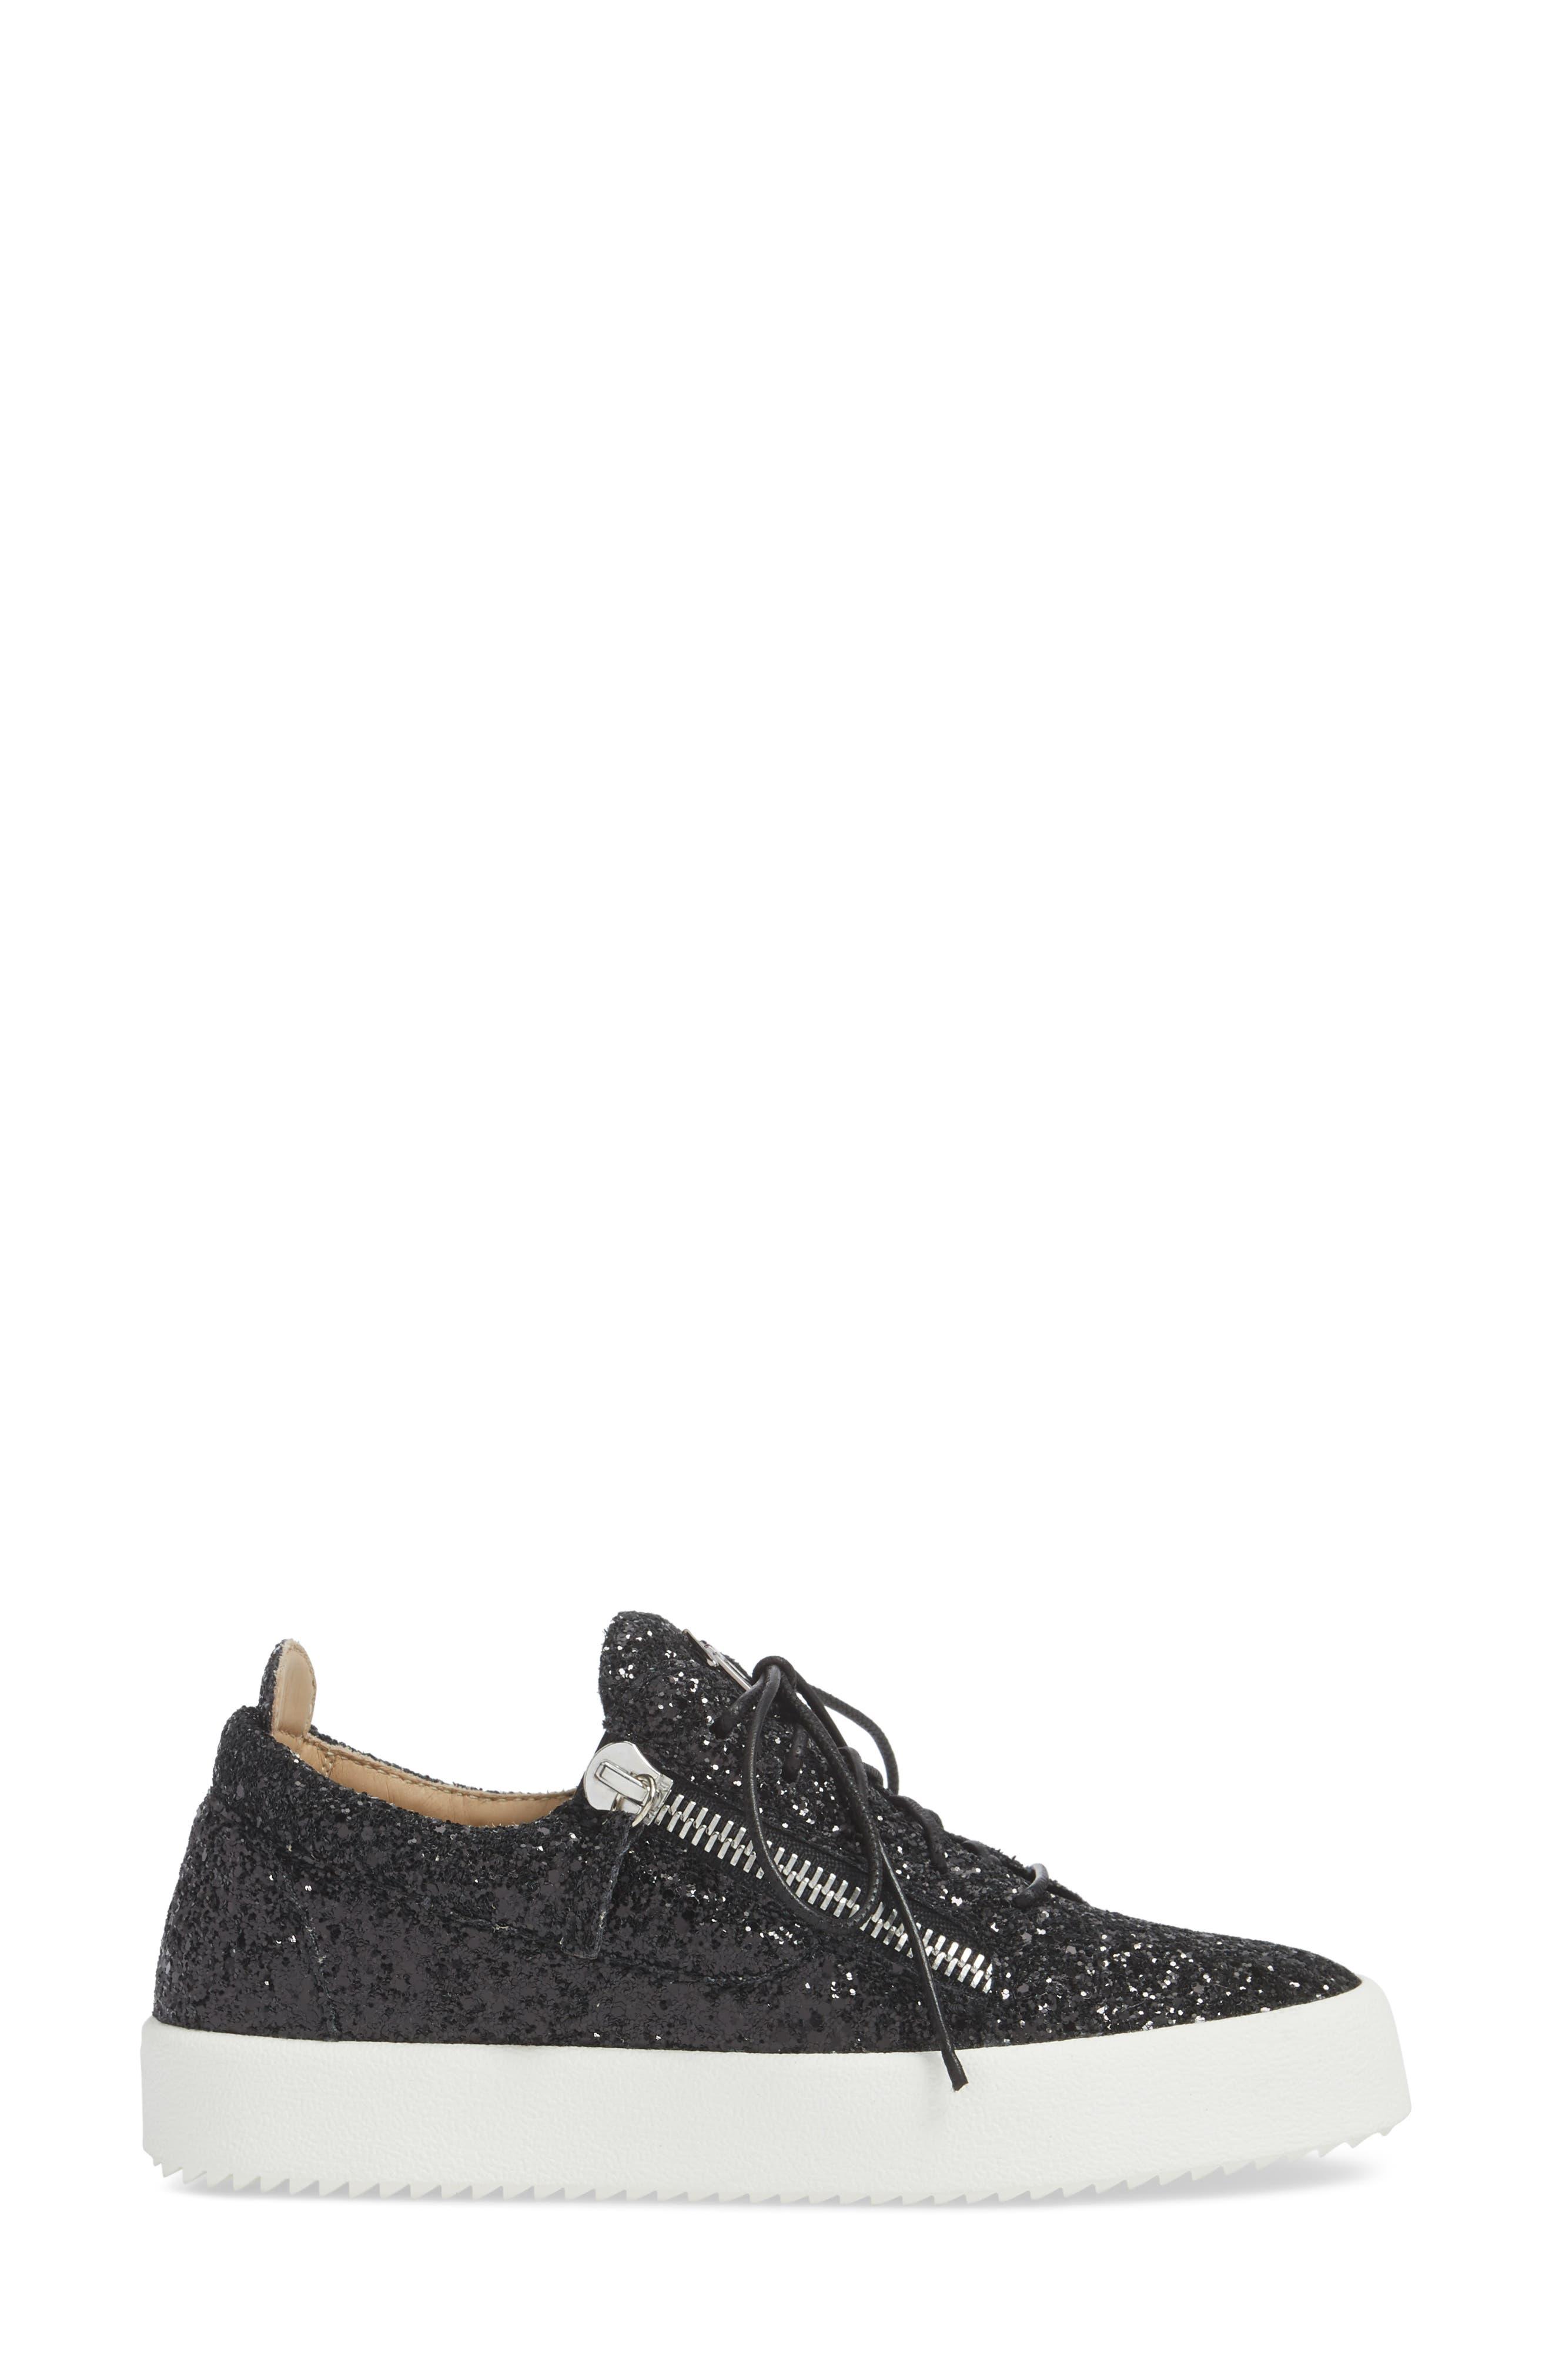 May London Low Top Sneaker,                             Alternate thumbnail 3, color,                             BLACK